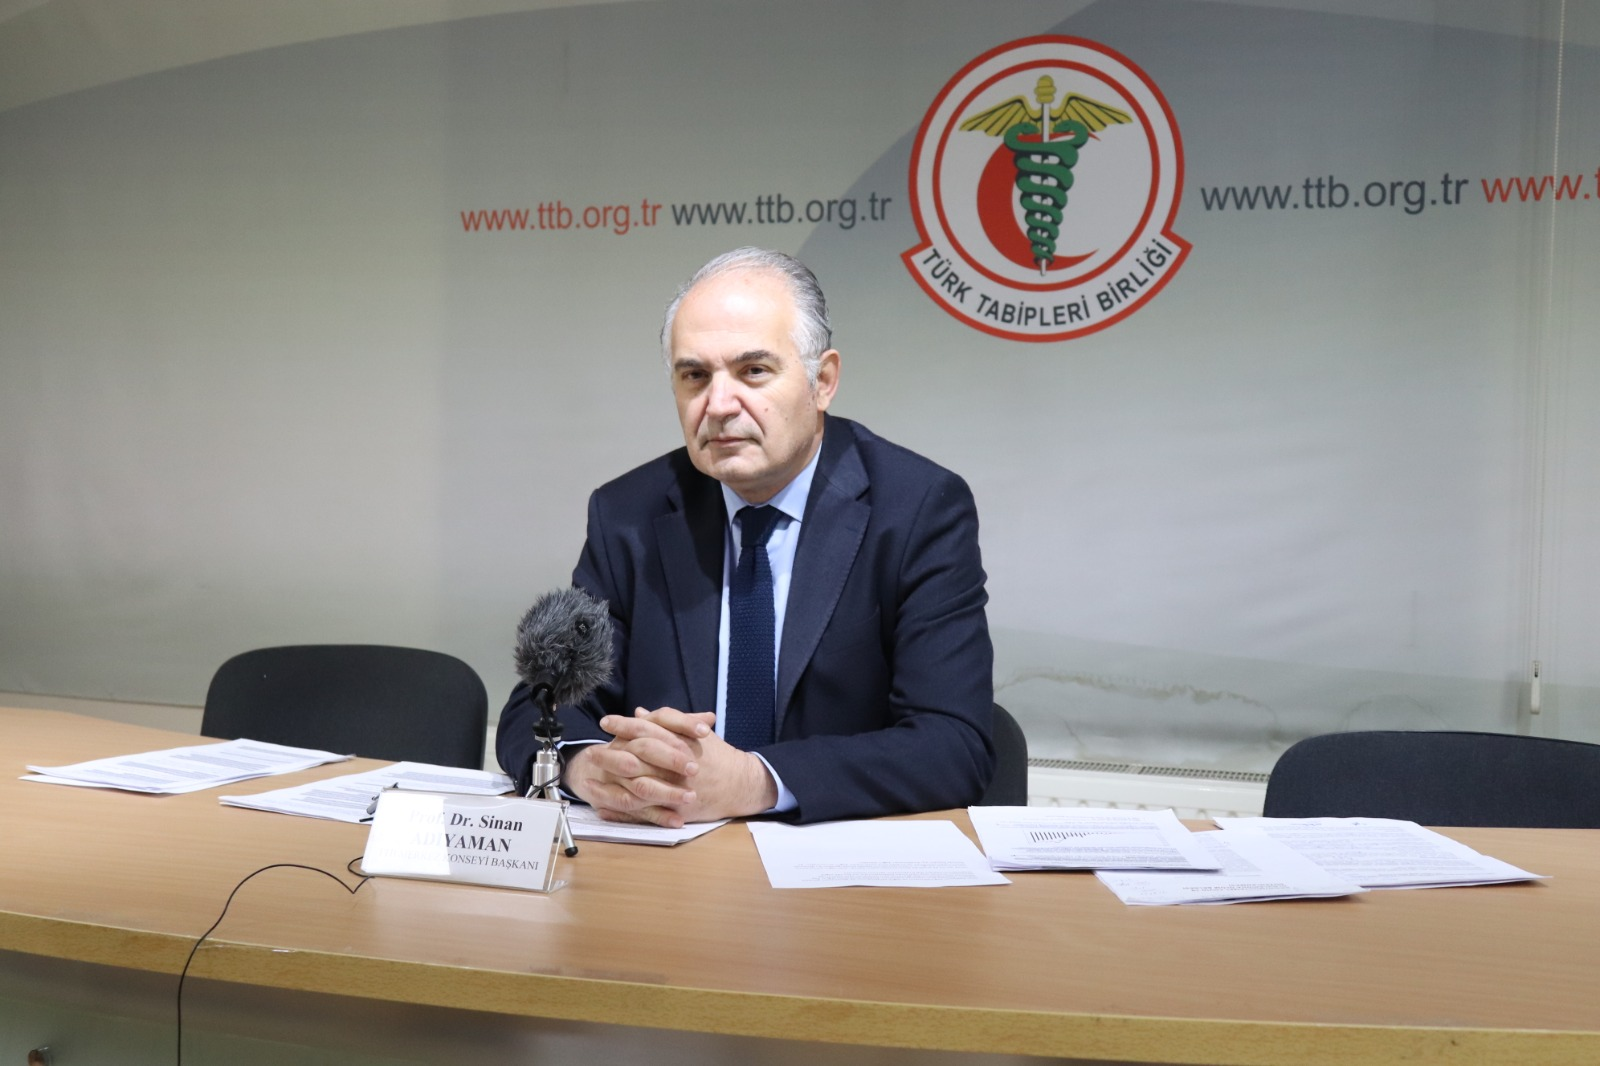 Türk Tabipler Birliği'nden çok önemli açıklamalar